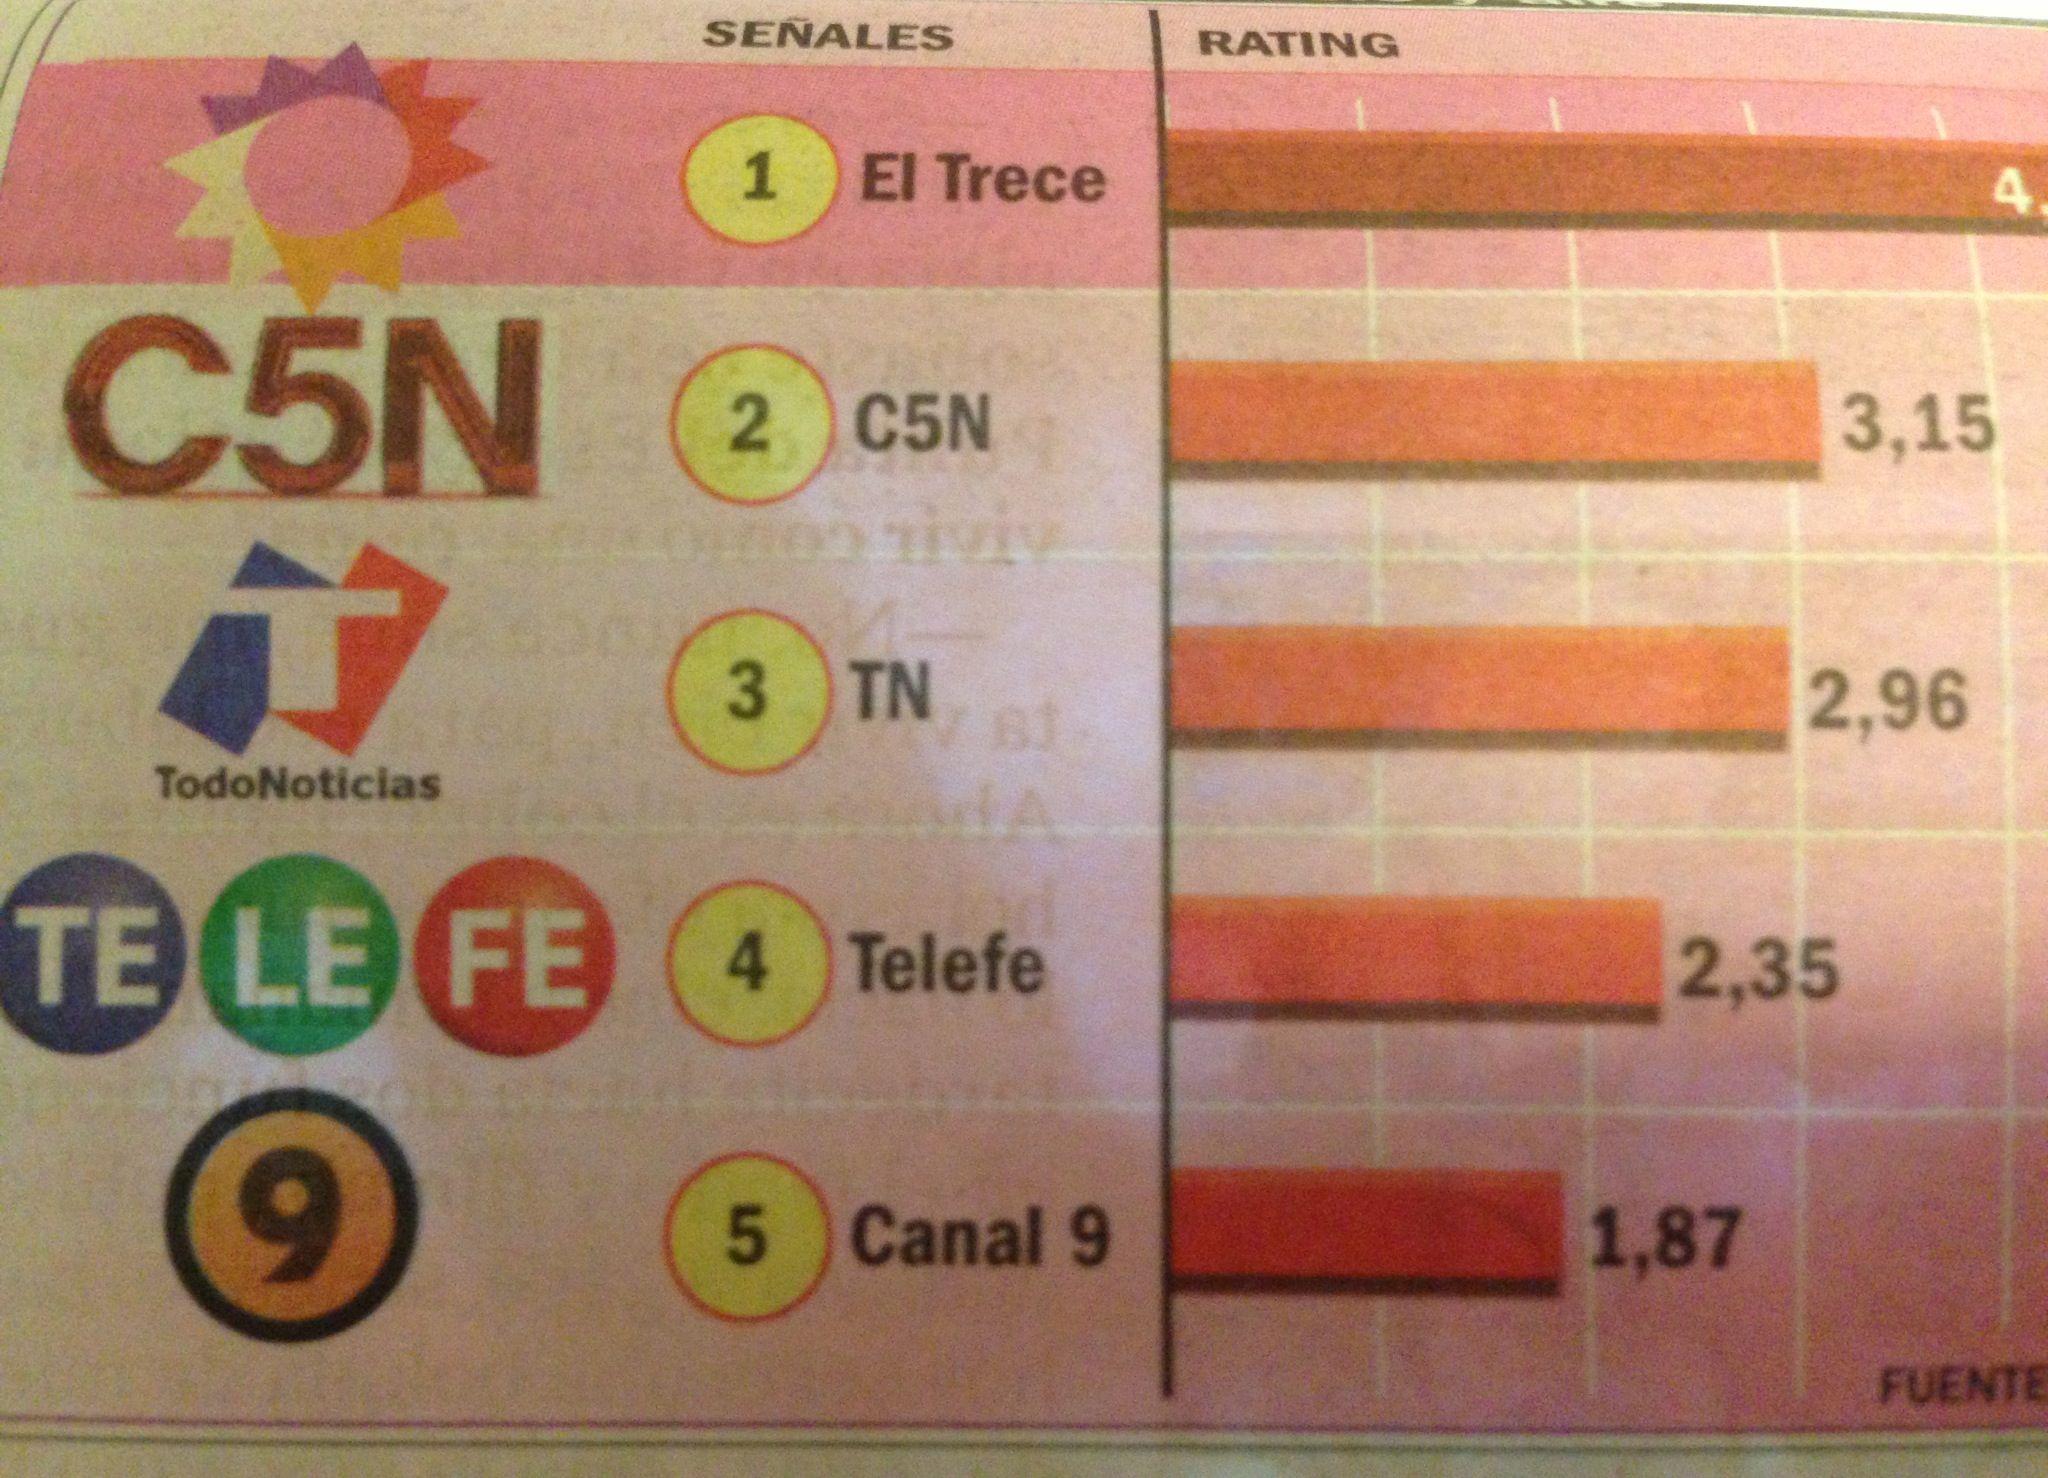 Se recalienta la competencia de la primera mañana en cable: C5N le gana a TN